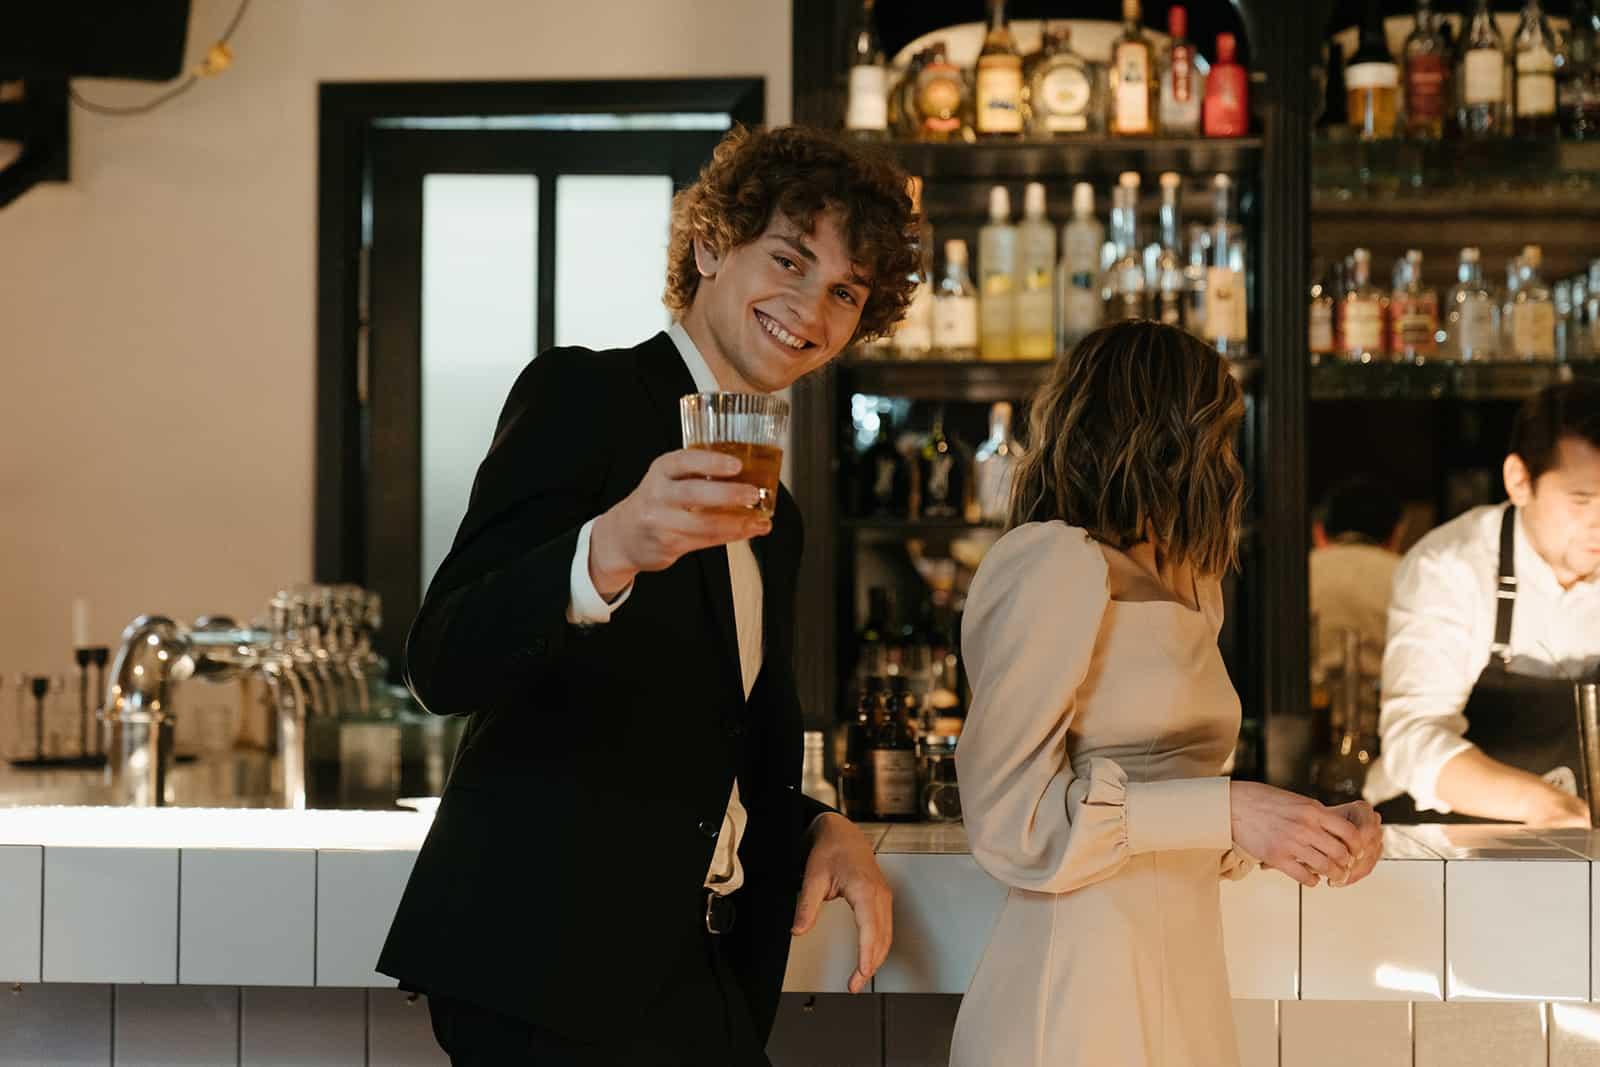 Ein lächelnder Mann hält einen Drink und lehnt sich an die Theke in der Nähe einer Frau